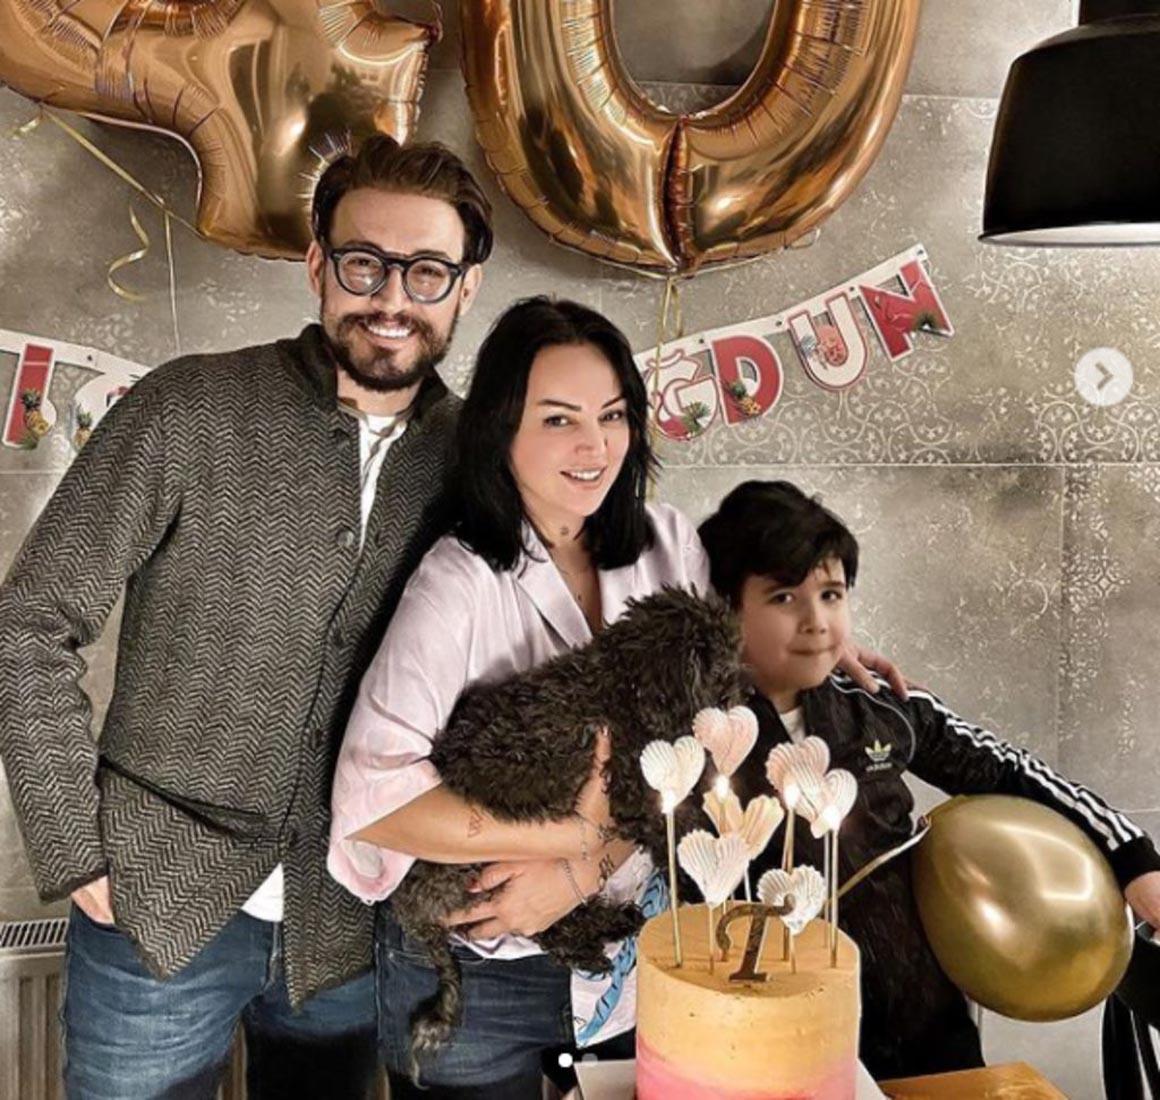 Danilo Zanna ile yolları ayrılan Tuğçe Demirbilek'ten boşanma kararı sonrası olay gönderme! İnsanların iki yüzü vardır